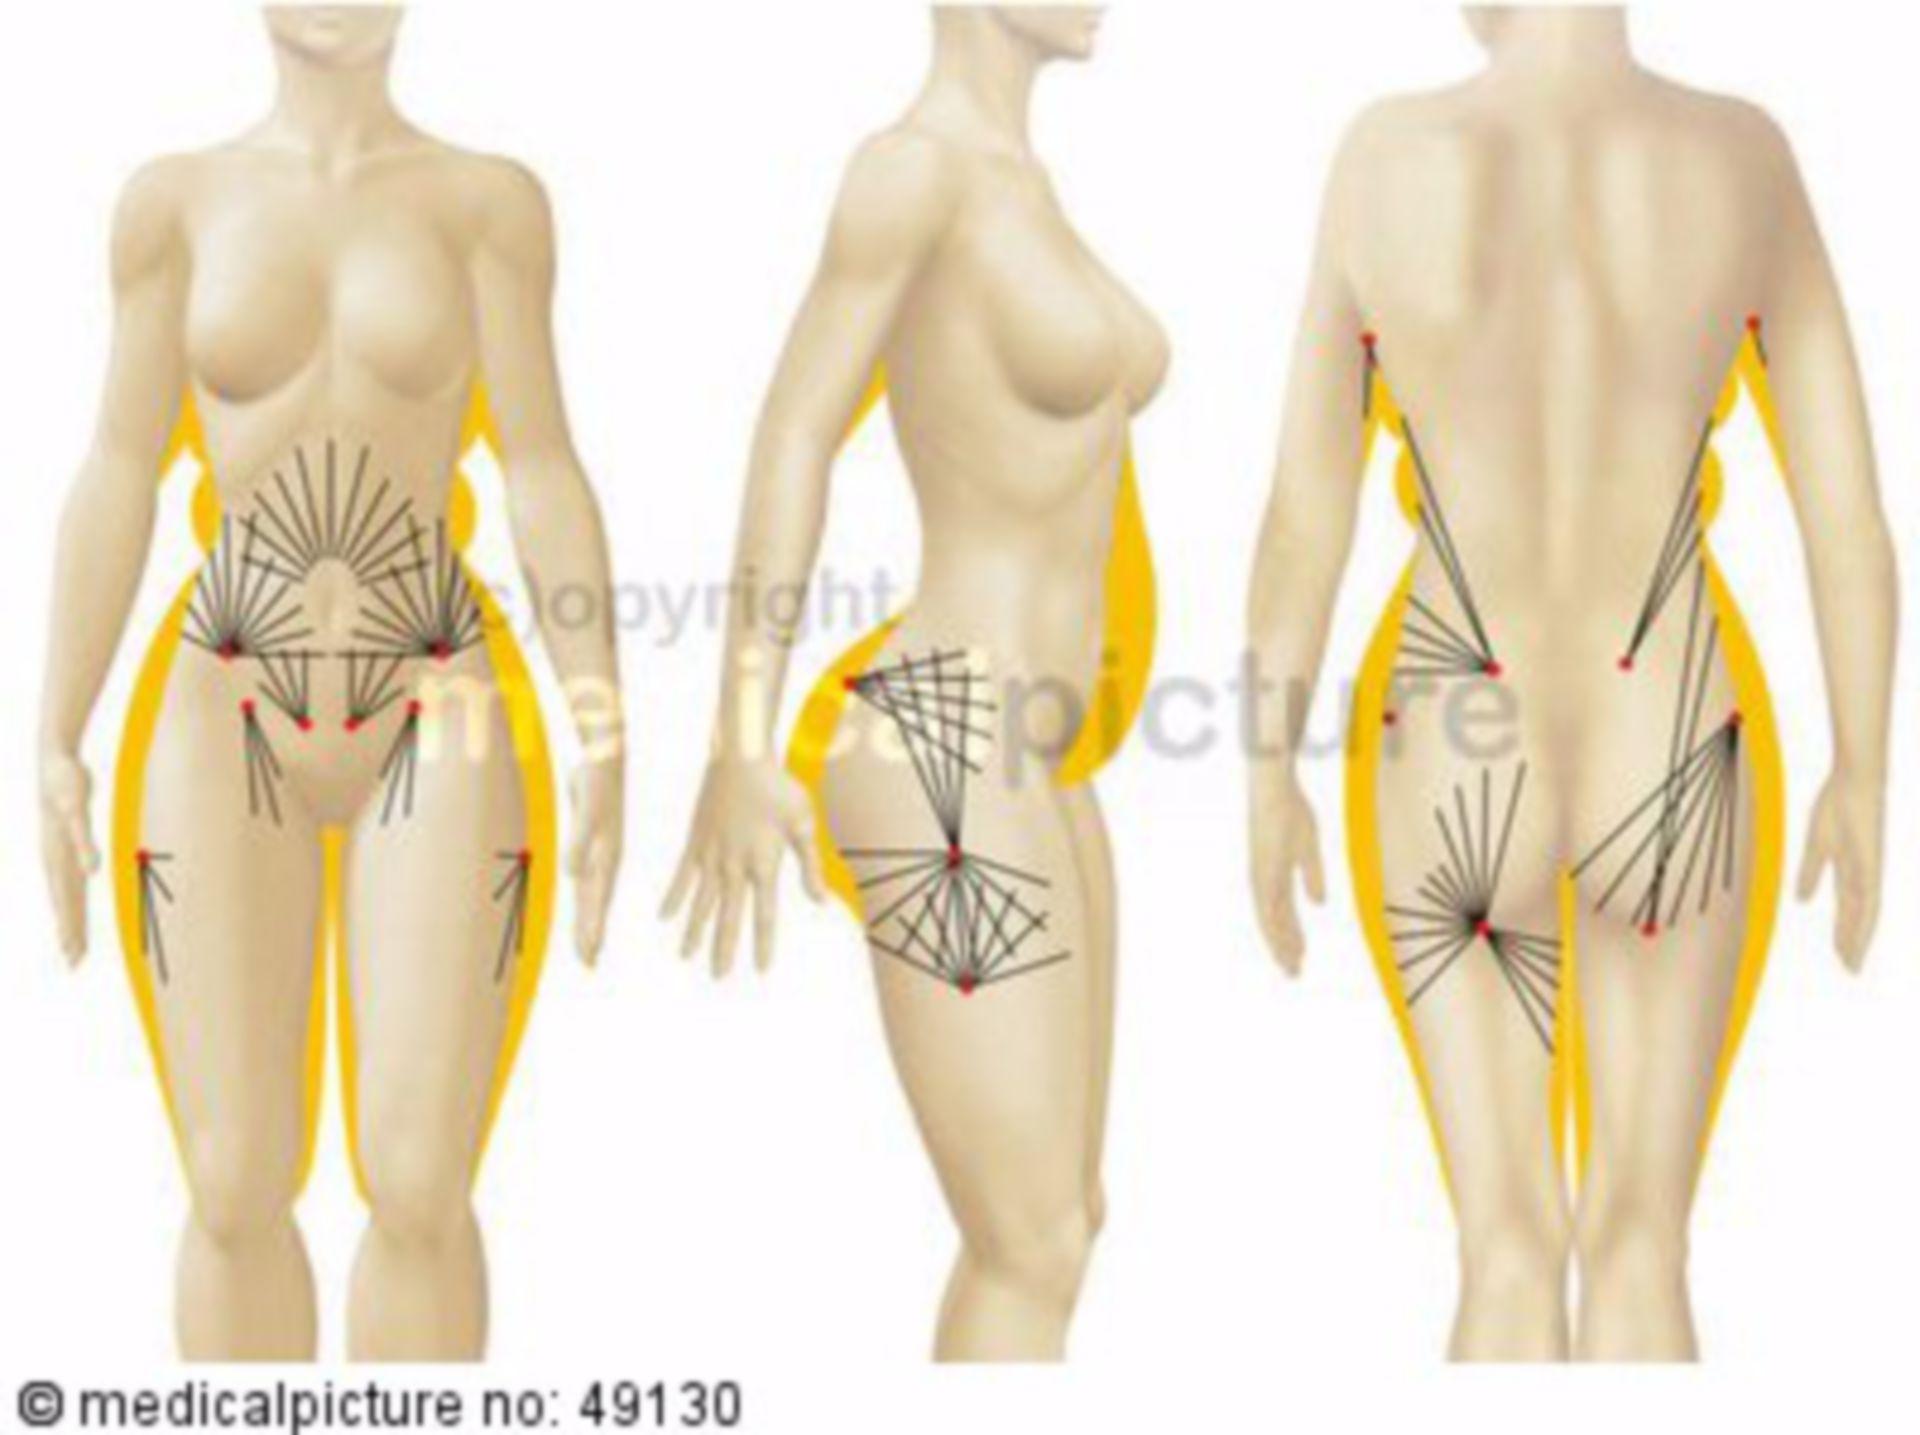 Areale zur Fettabsaugung